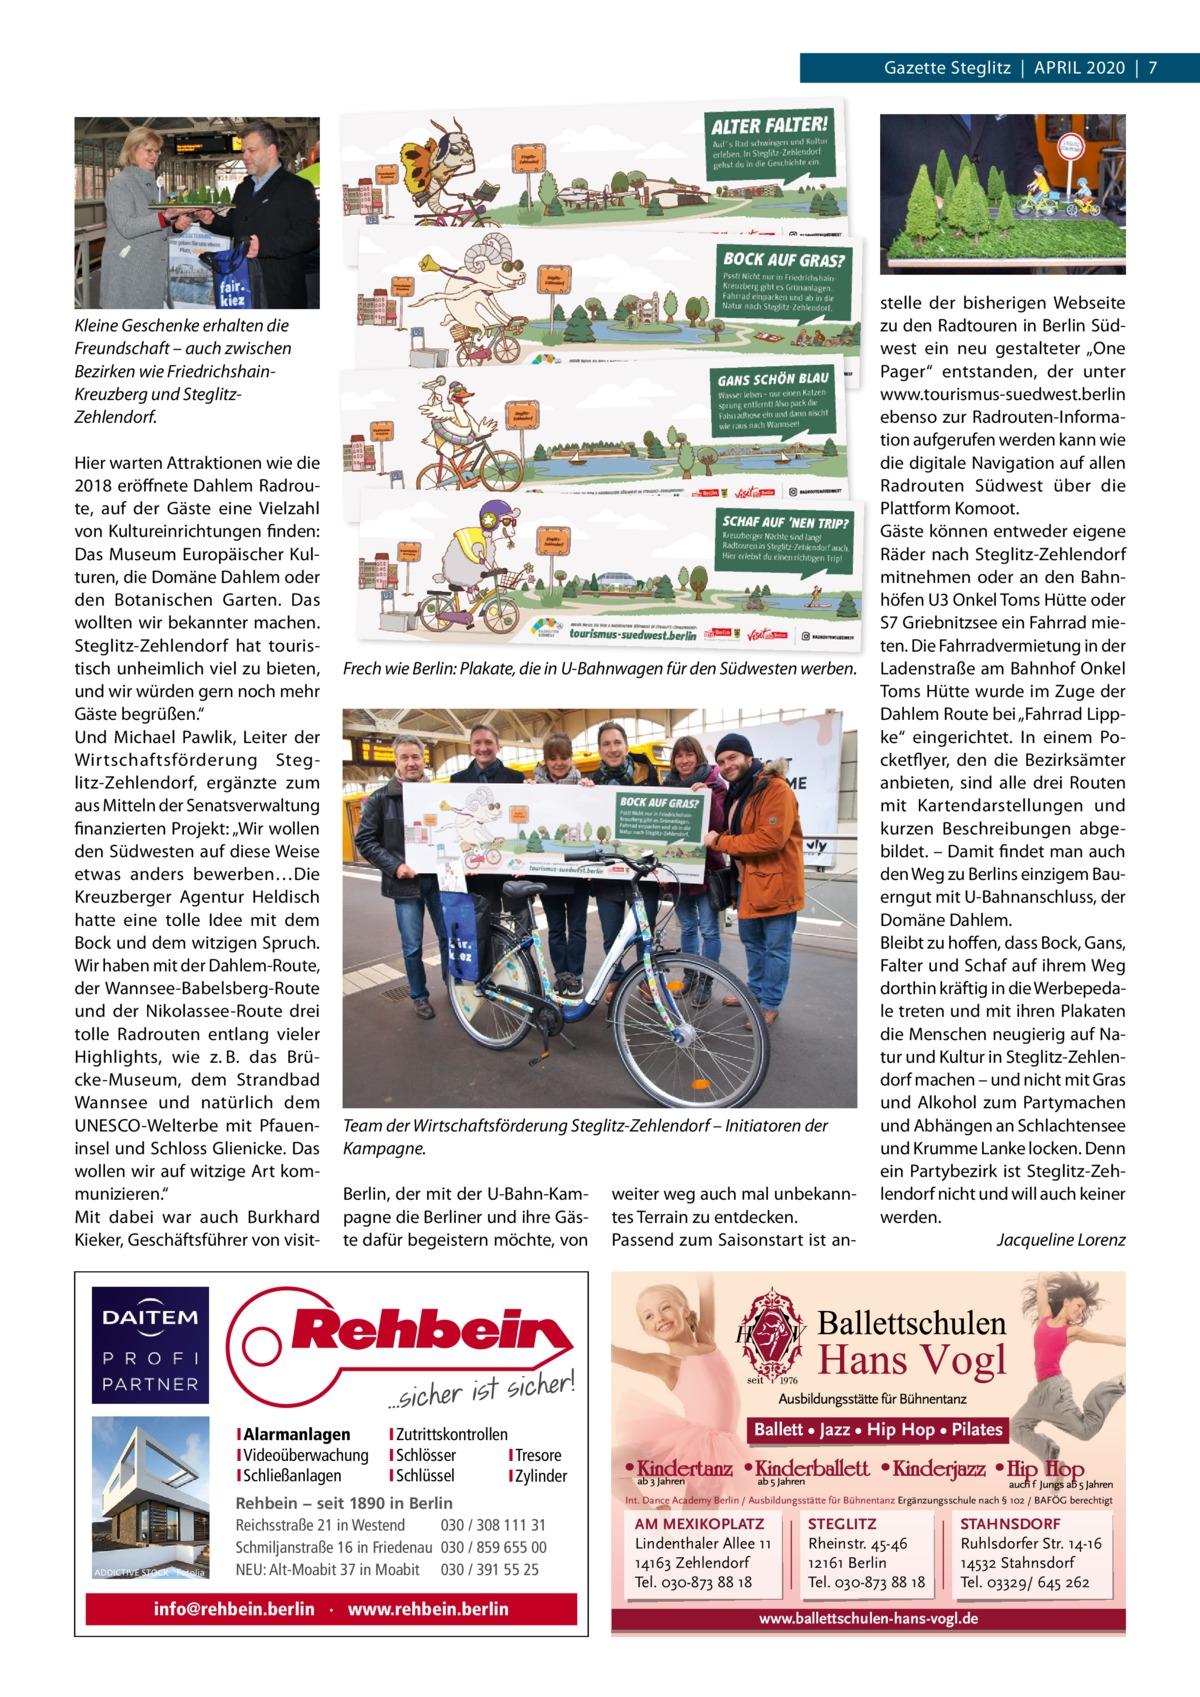 """Gazette Steglitz April 2020 7  Kleine Geschenke erhalten die Freundschaft – auch zwischen Bezirken wie FriedrichshainKreuzberg und SteglitzZehlendorf. Hier warten Attraktionen wie die 2018 eröffnete Dahlem radroute, auf der Gäste eine Vielzahl von Kultureinrichtungen finden: Das Museum Europäischer Kulturen, die Domäne Dahlem oder den Botanischen Garten. Das wollten wir bekannter machen. Steglitz-Zehlendorf hat touristisch unheimlich viel zu bieten, und wir würden gern noch mehr Gäste begrüßen."""" Und Michael pawlik, leiter der Wirtschaftsförderung Steglitz-Zehlendorf, ergänzte zum aus Mitteln der Senatsverwaltung finanzierten projekt: """"Wir wollen den Südwesten auf diese Weise etwas anders bewerben…Die Kreuzberger Agentur Heldisch hatte eine tolle idee mit dem Bock und dem witzigen Spruch. Wir haben mit der Dahlem-route, der Wannsee-Babelsberg-route und der Nikolassee-route drei tolle radrouten entlang vieler Highlights, wie z. B. das Brücke-Museum, dem Strandbad Wannsee und natürlich dem UNESCO-Welterbe mit pfaueninsel und Schloss Glienicke. Das wollen wir auf witzige Art kommunizieren."""" Mit dabei war auch Burkhard Kieker, Geschäftsführer von visit Frech wie Berlin: Plakate, die in U-Bahnwagen für den Südwesten werben.  Team der Wirtschaftsförderung Steglitz-Zehlendorf – Initiatoren der Kampagne. Berlin, der mit der U-Bahn-Kampagne die Berliner und ihre Gäste dafür begeistern möchte, von  IAlarmanlagen IVideoüberwachung ISchließanlagen  ADDICTIVE STOCK - Fotolia  IZutrittskontrollen ISchlösser ITresore ISchlüssel IZylinder  Rehbein − seit 1890 in Berlin Reichsstraße 21 in Westend 030 / 308 111 31 Schmiljanstraße 16 in Friedenau 030 / 859 655 00 NEU: Alt-Moabit 37 in Moabit 030 / 391 55 25  info@rehbein.berlin · www.rehbein.berlin  weiter weg auch mal unbekanntes Terrain zu entdecken. passend zum Saisonstart ist an stelle der bisherigen Webseite zu den radtouren in Berlin Südwest ein neu gestalteter """"One pager"""" entstanden, der unter www.tourismus-suedwest.berlin ebens"""